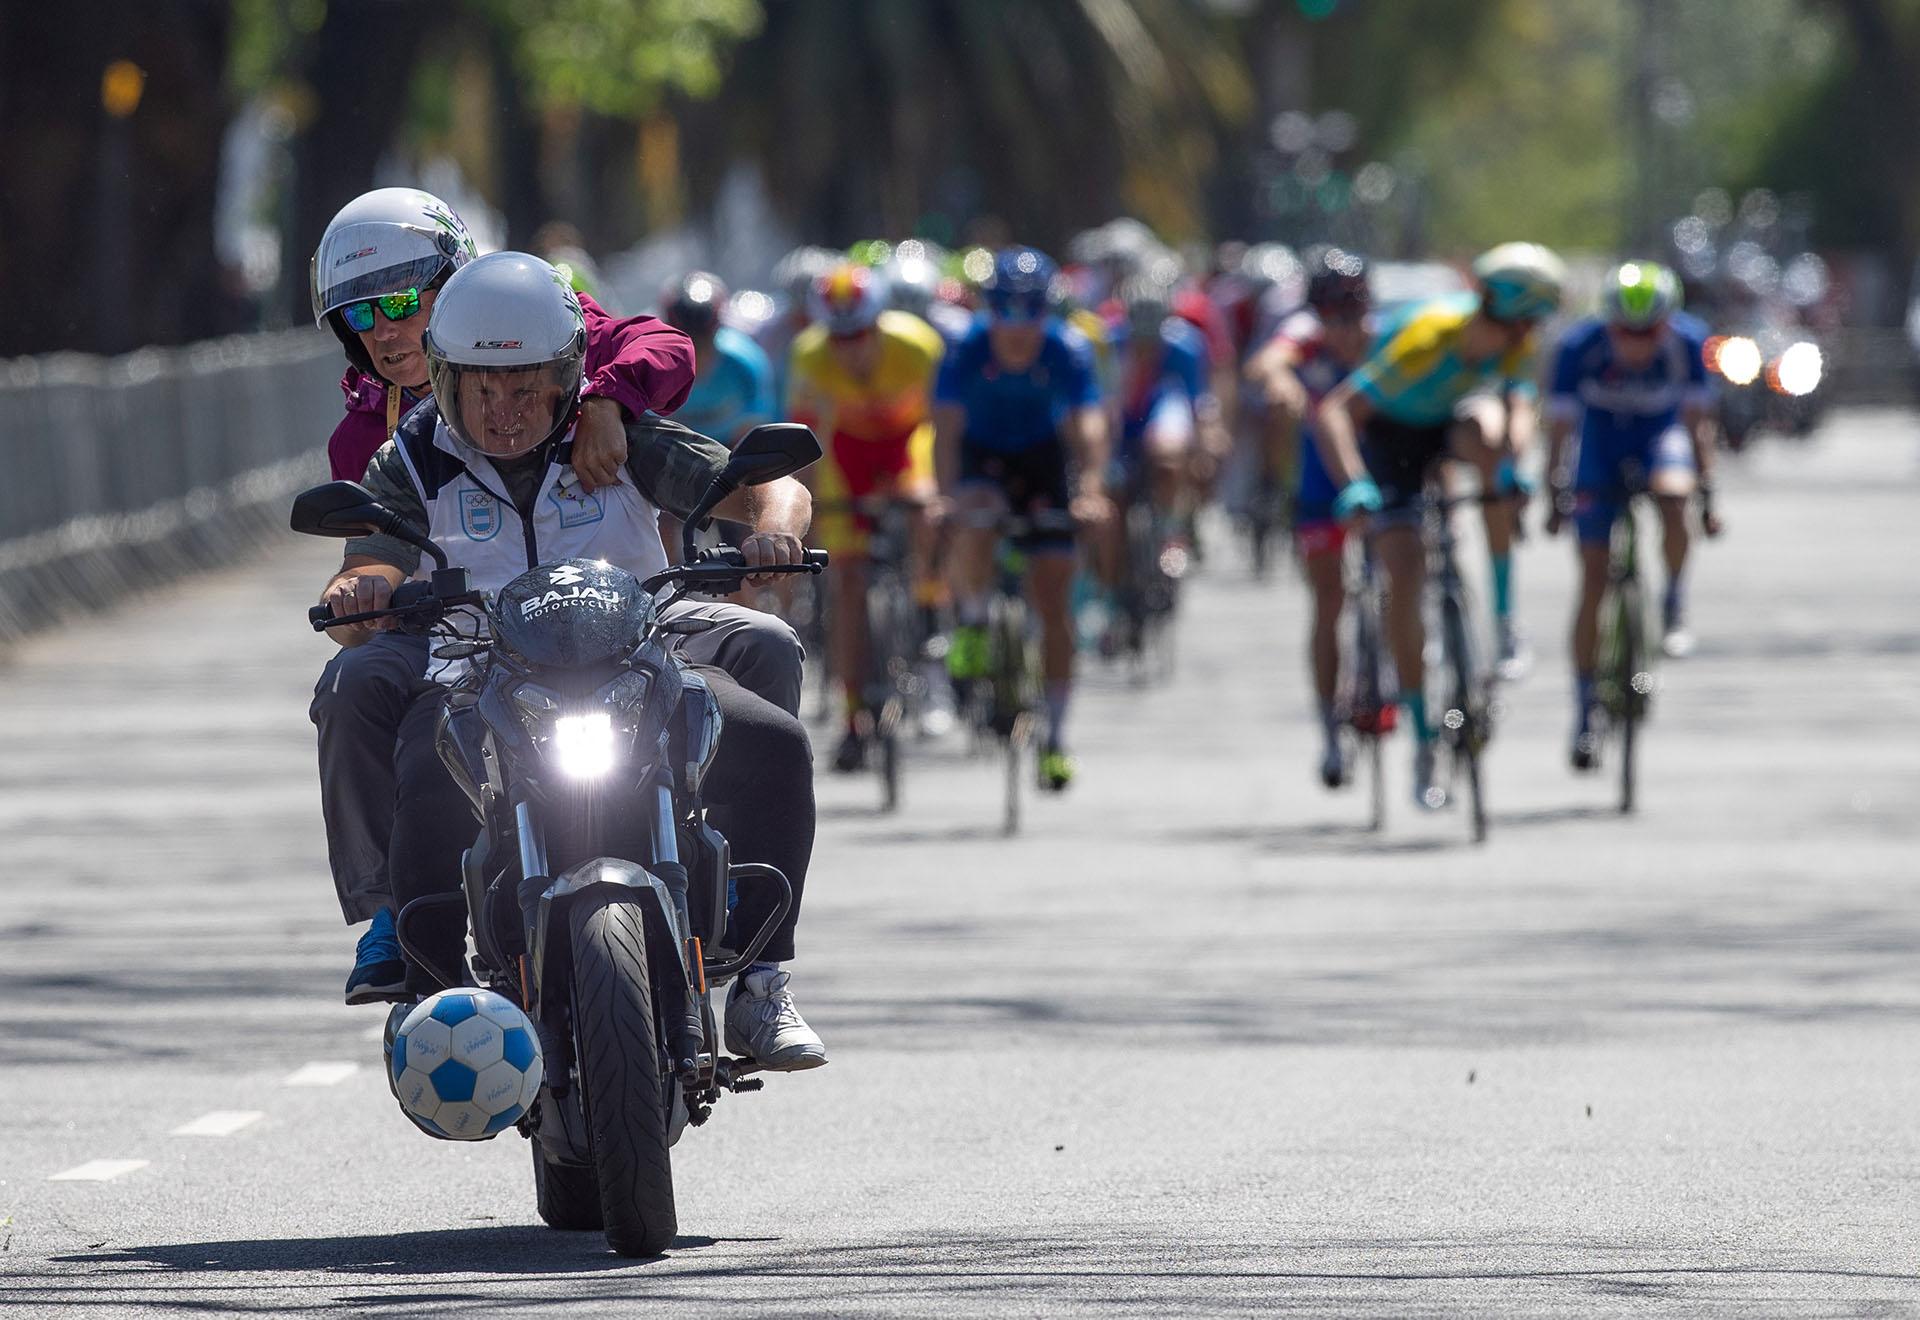 Un voluntario de la organización precede en moto la carrera de ciclismo masculino en busca de quitar de la pista un balón que apareció repentinamente ( REUTERS)